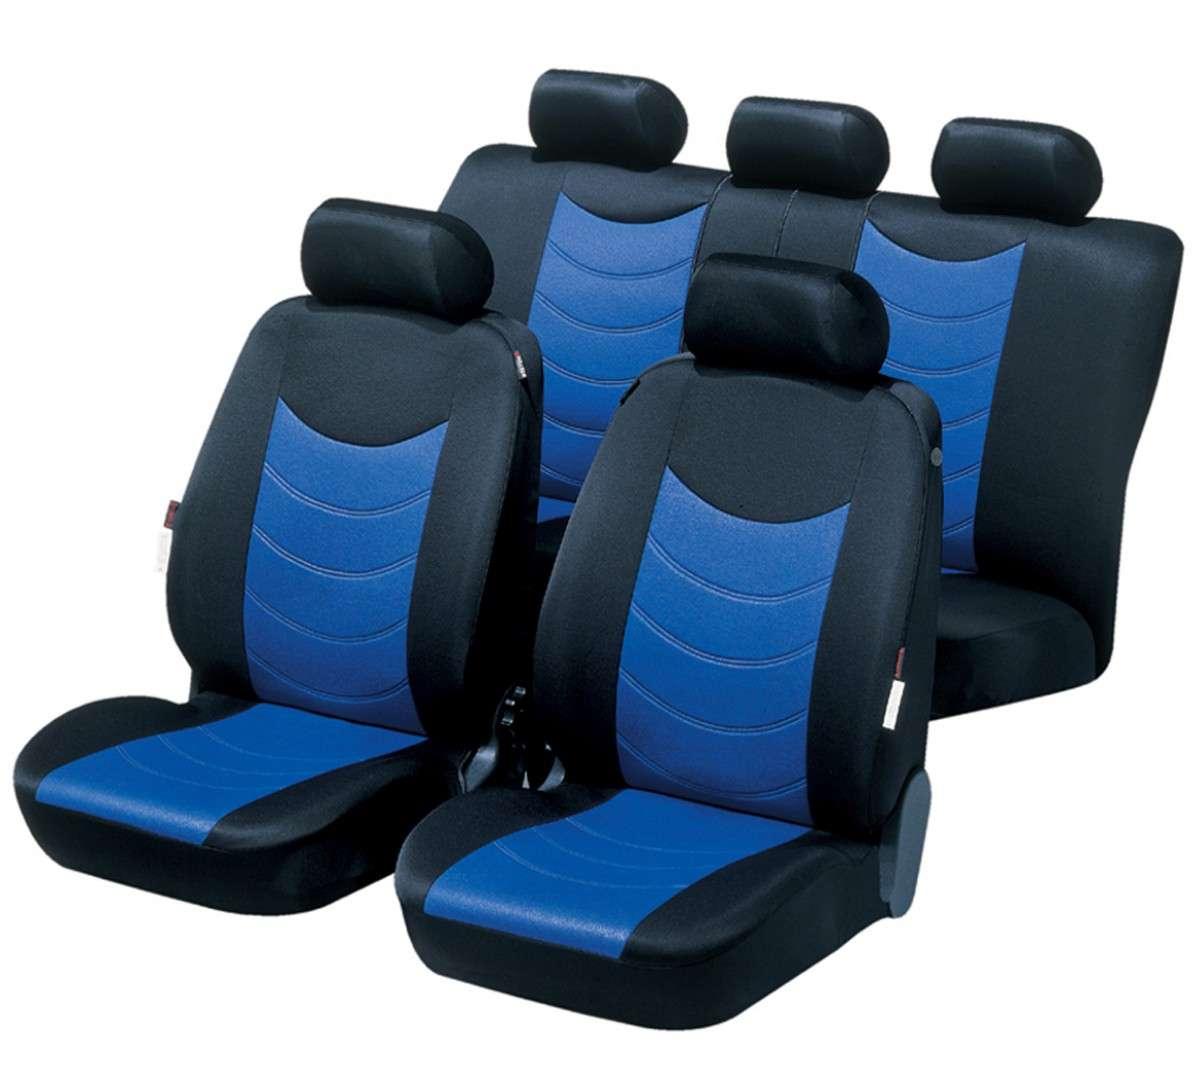 Schwarz-blaue Velours Sitzbezüge für HYUNDAI i30 Autositzbezug Komplett